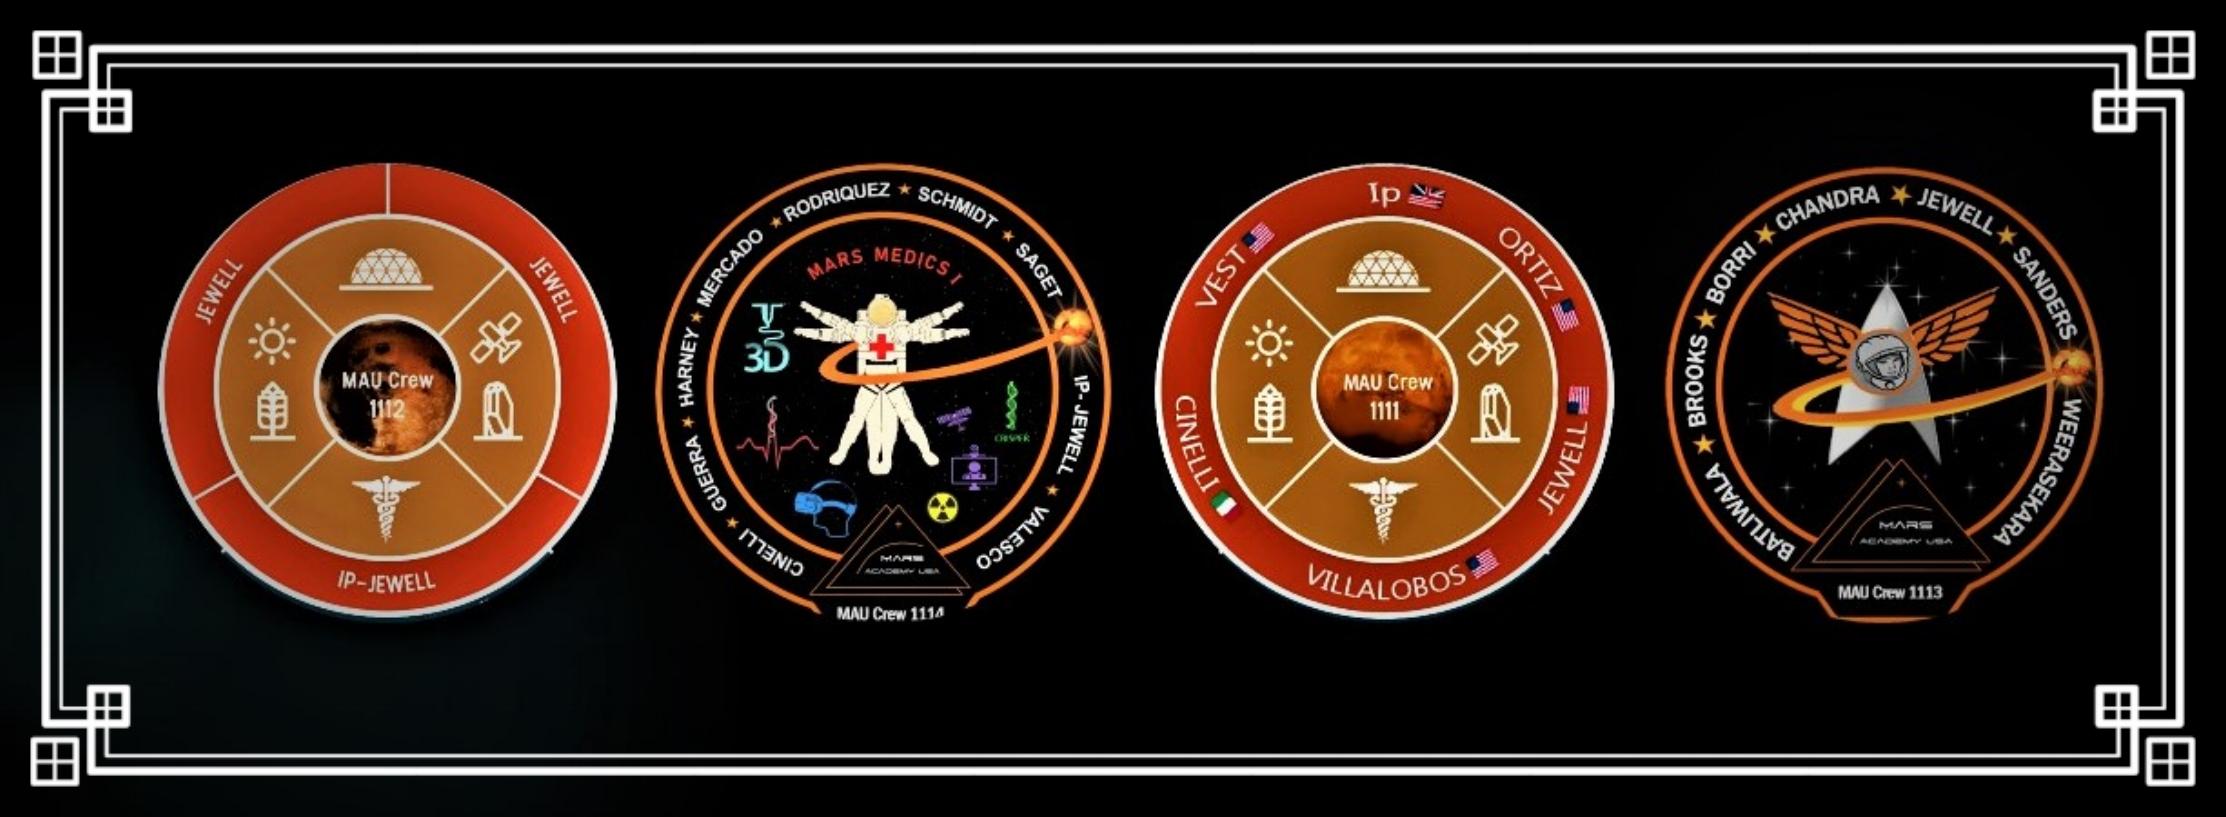 MAU Mission logos-1111-1114 (2).jpg